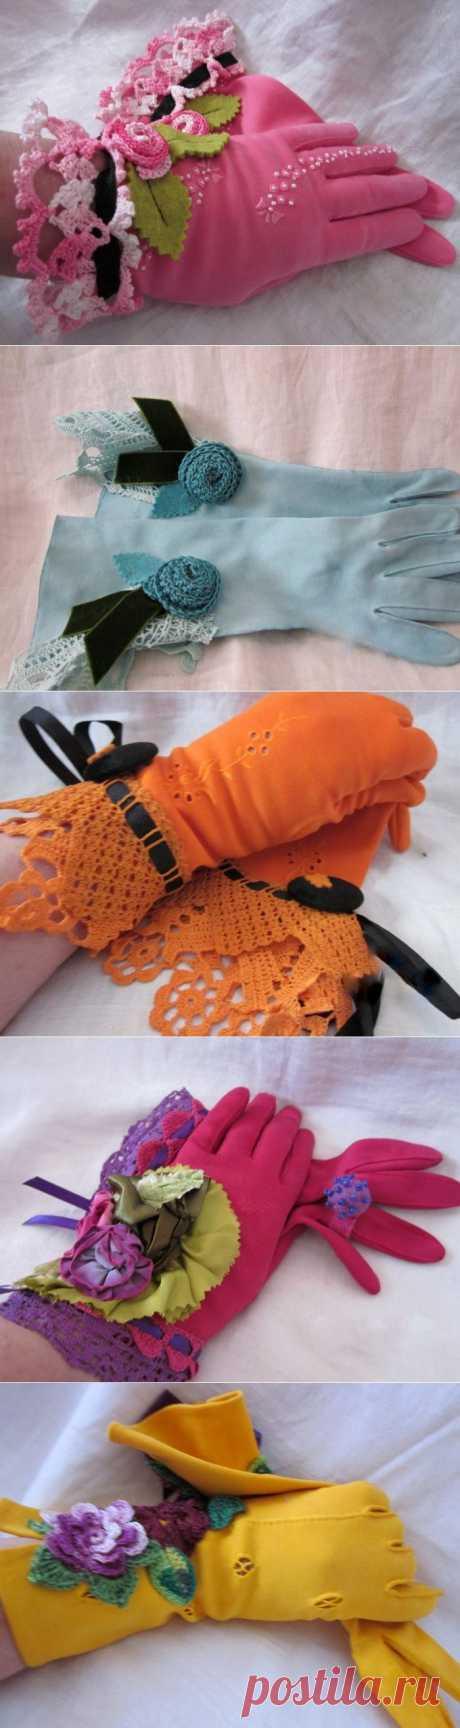 Перчаточки с рукодельным декором..